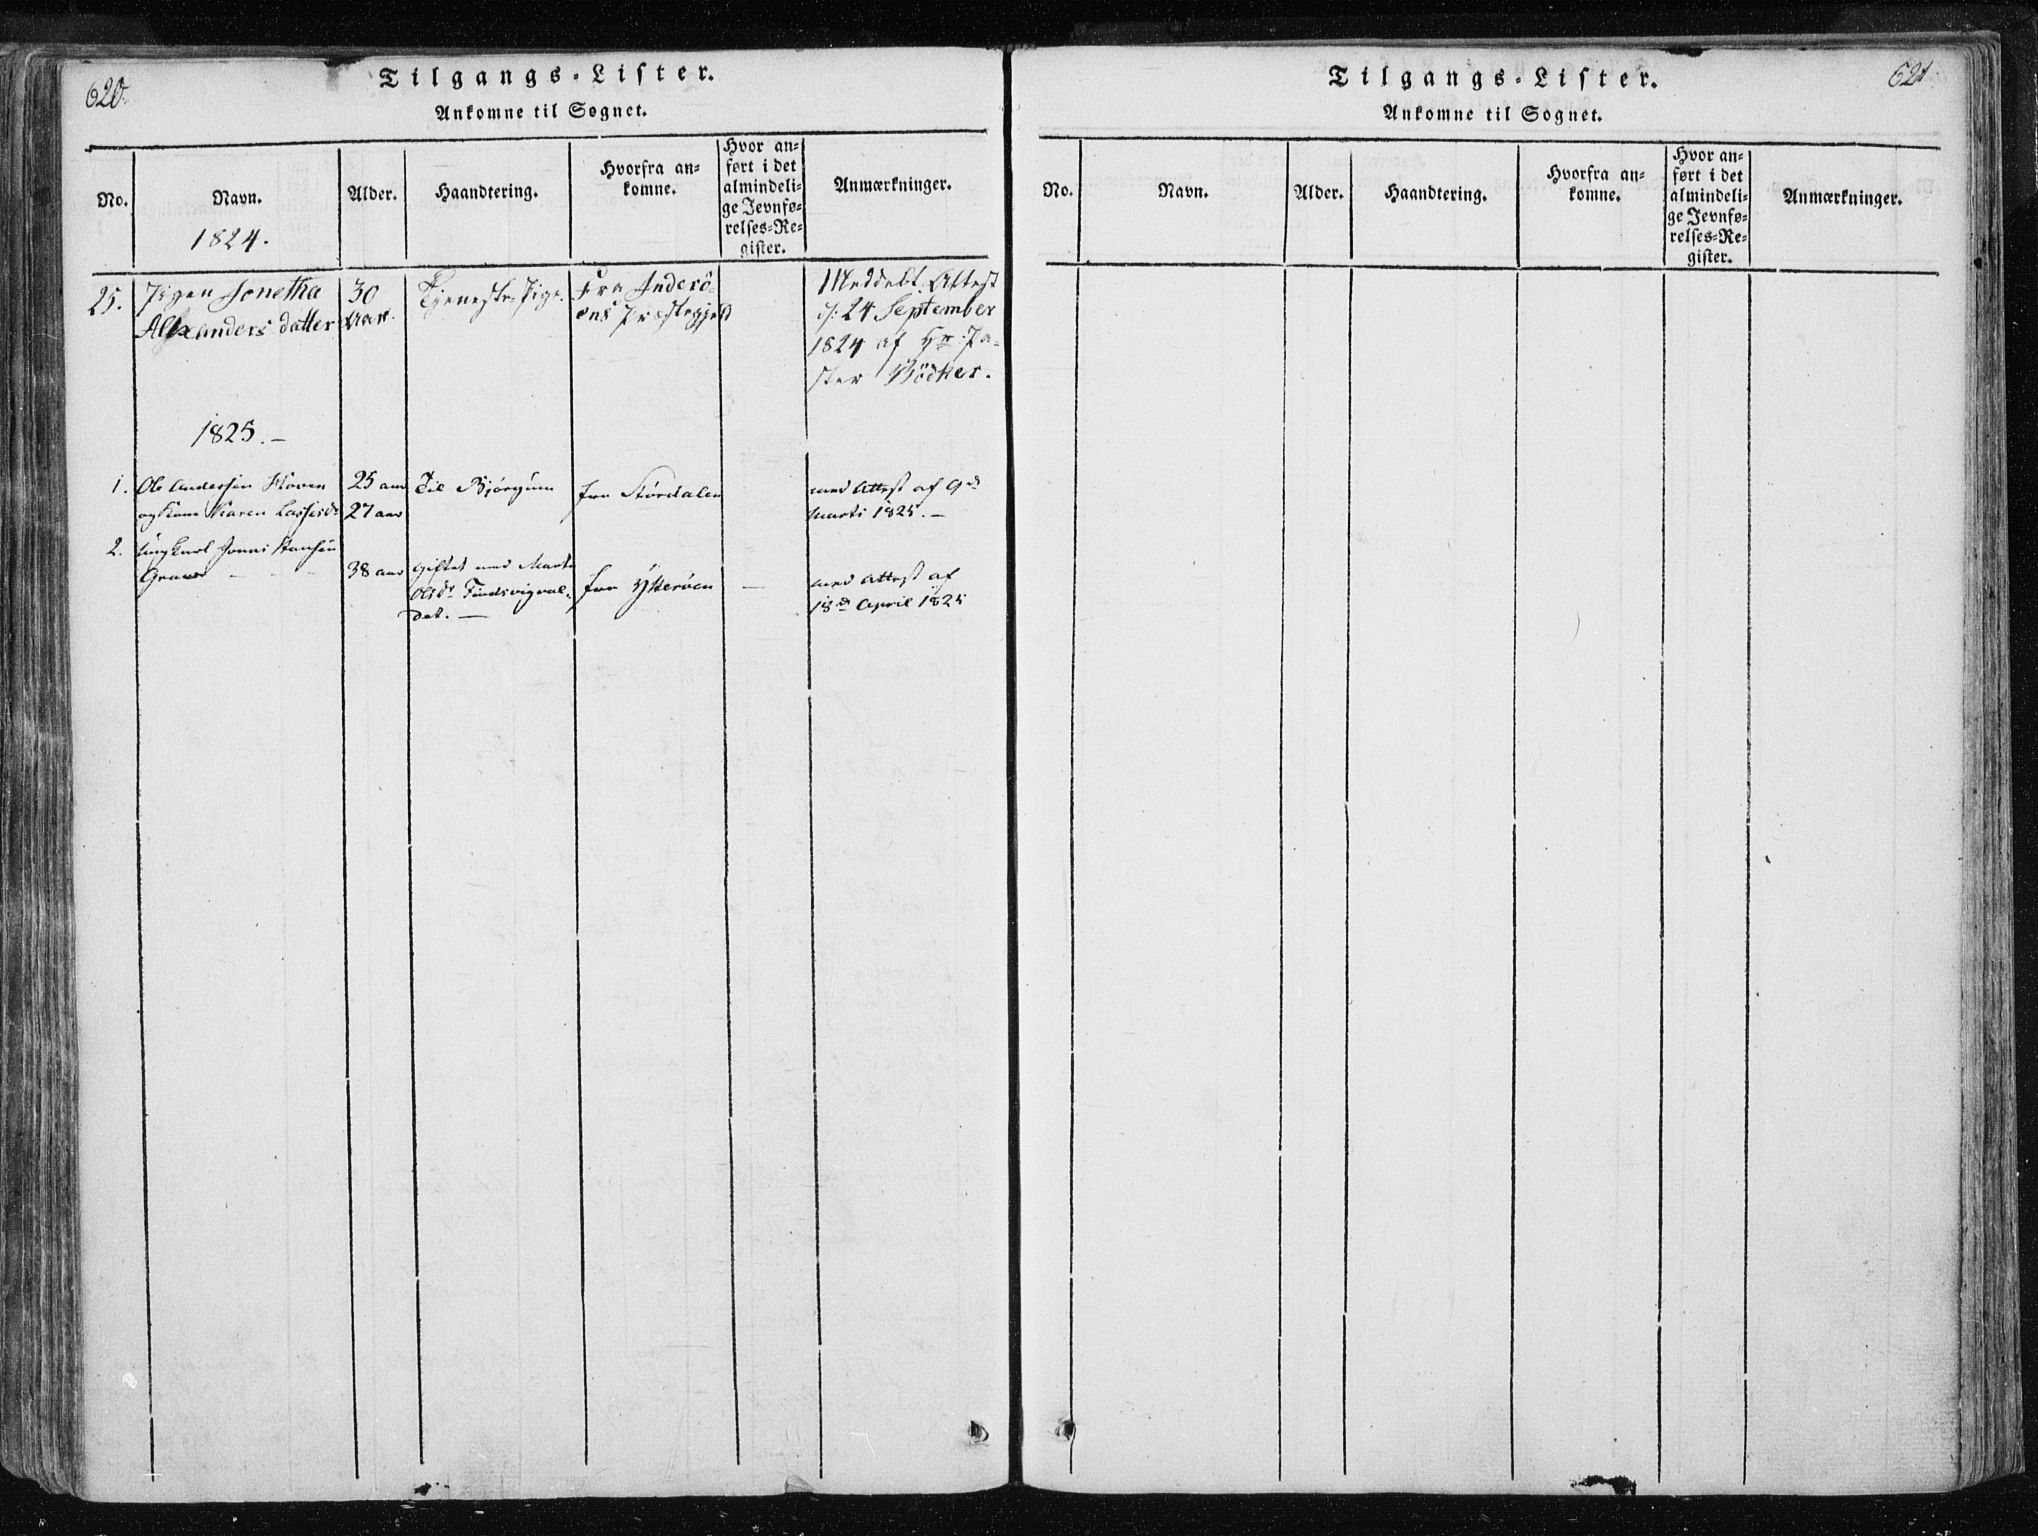 SAT, Ministerialprotokoller, klokkerbøker og fødselsregistre - Nord-Trøndelag, 717/L0148: Ministerialbok nr. 717A04 /3, 1816-1825, s. 620-621